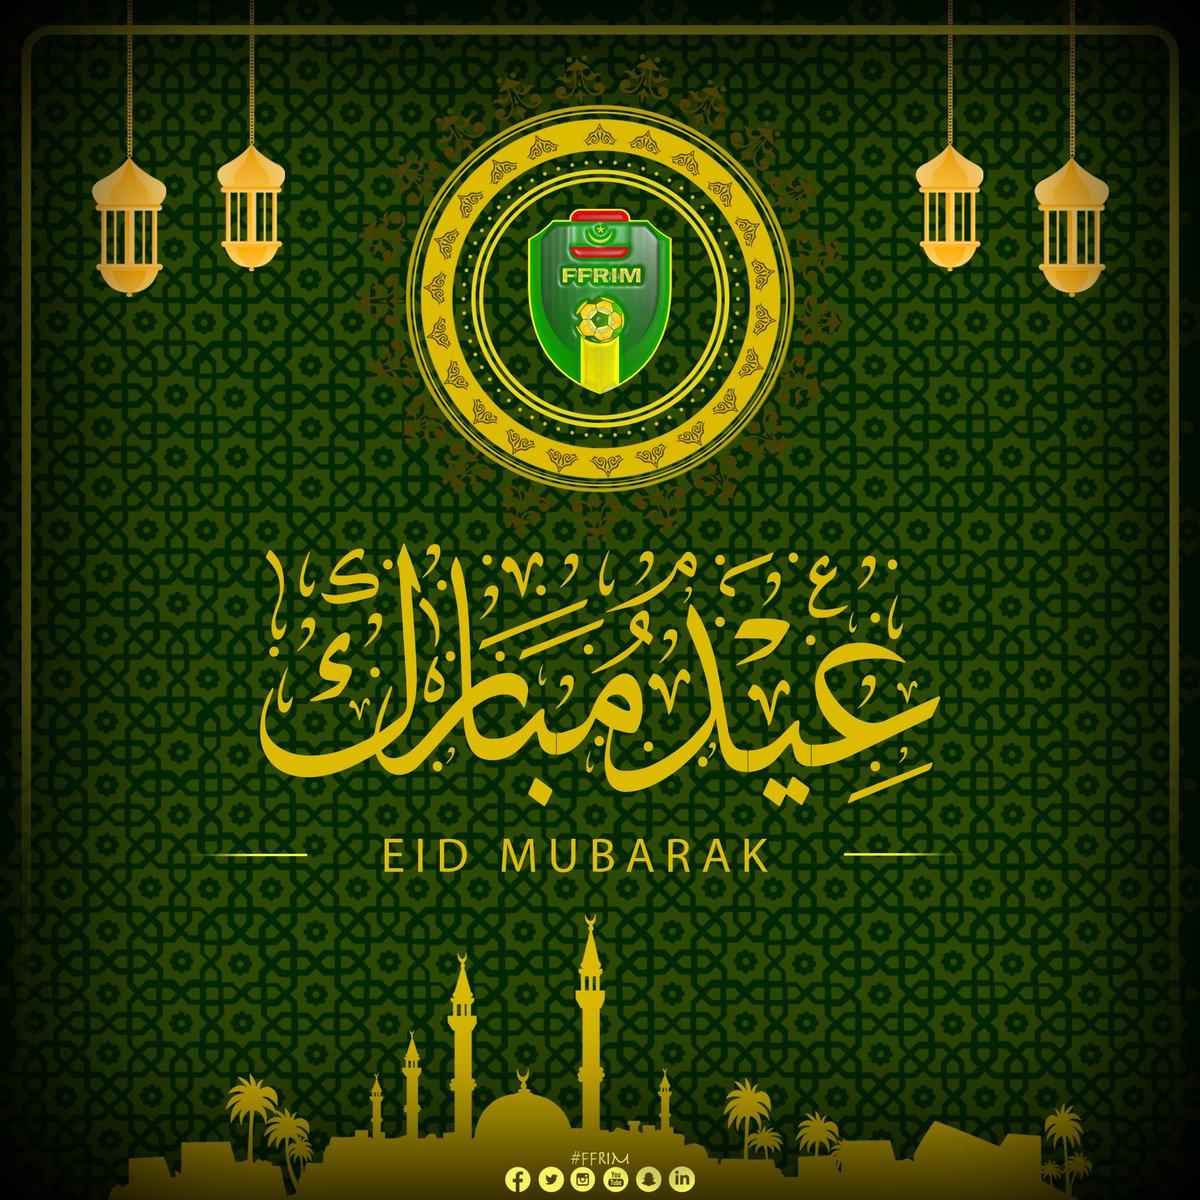 #FFRIM À loccasion de lAïd al-Adha, la @ffrim adresse ses meilleurs voeux au peuple mauritanien 🇲🇷 et à toute la Oumma islamique.